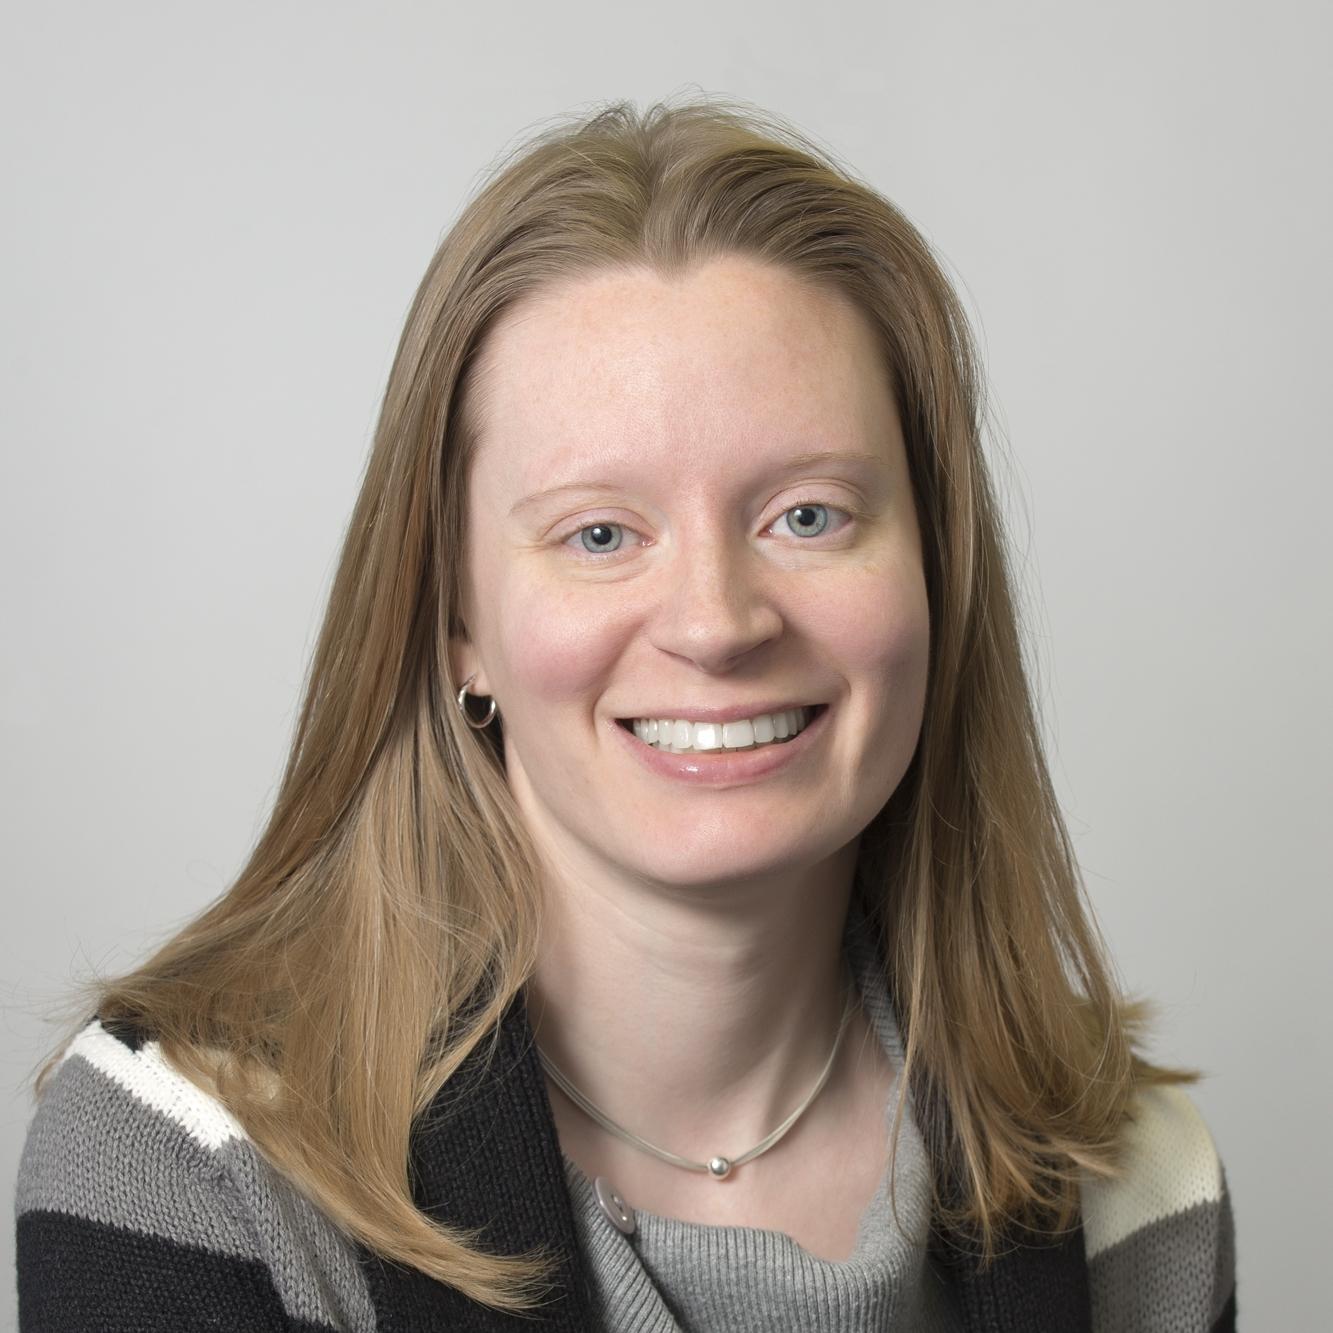 Kate Schenk, MA, CBIS Cognitive Rehabilitation Therapist